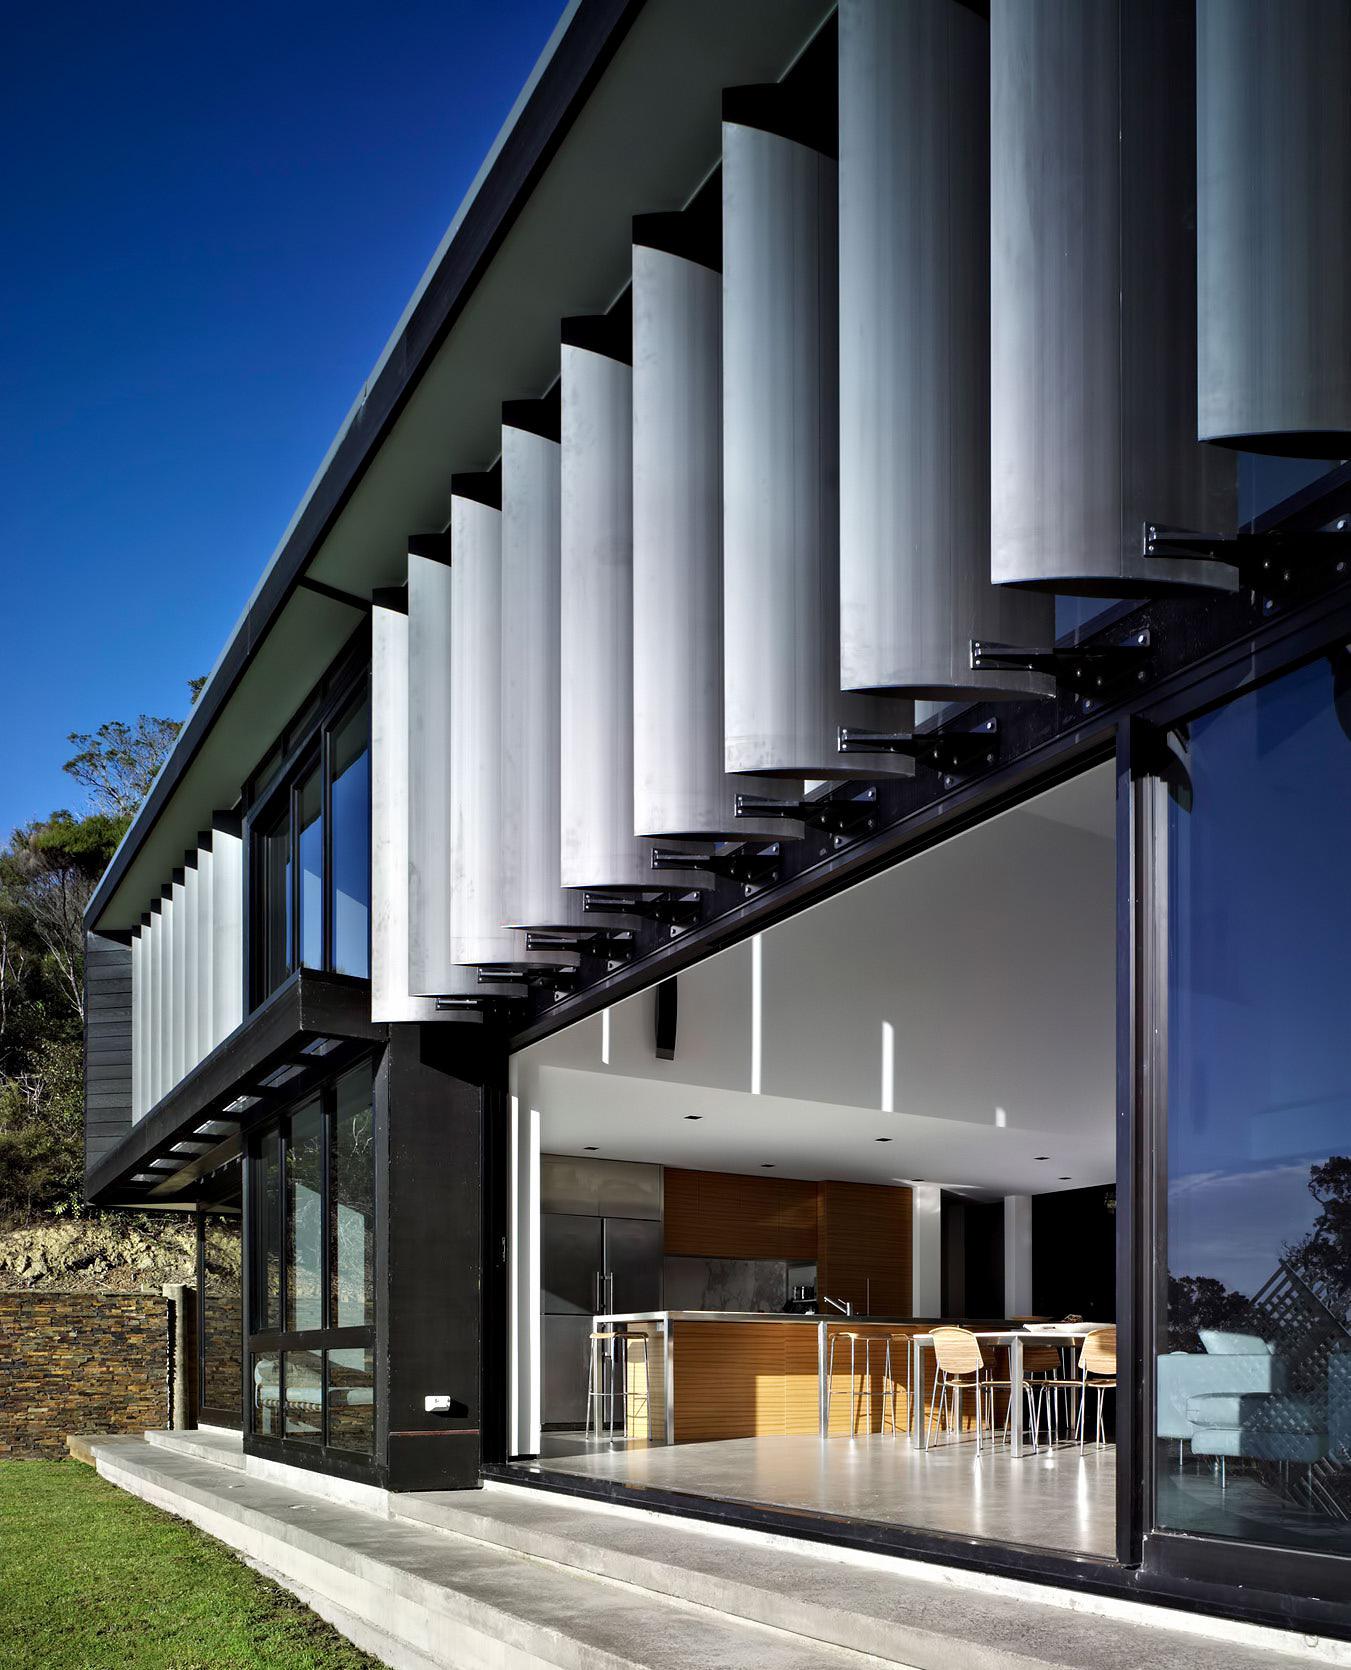 Waikopua House – Waiheke Island, Auckland, New Zealand